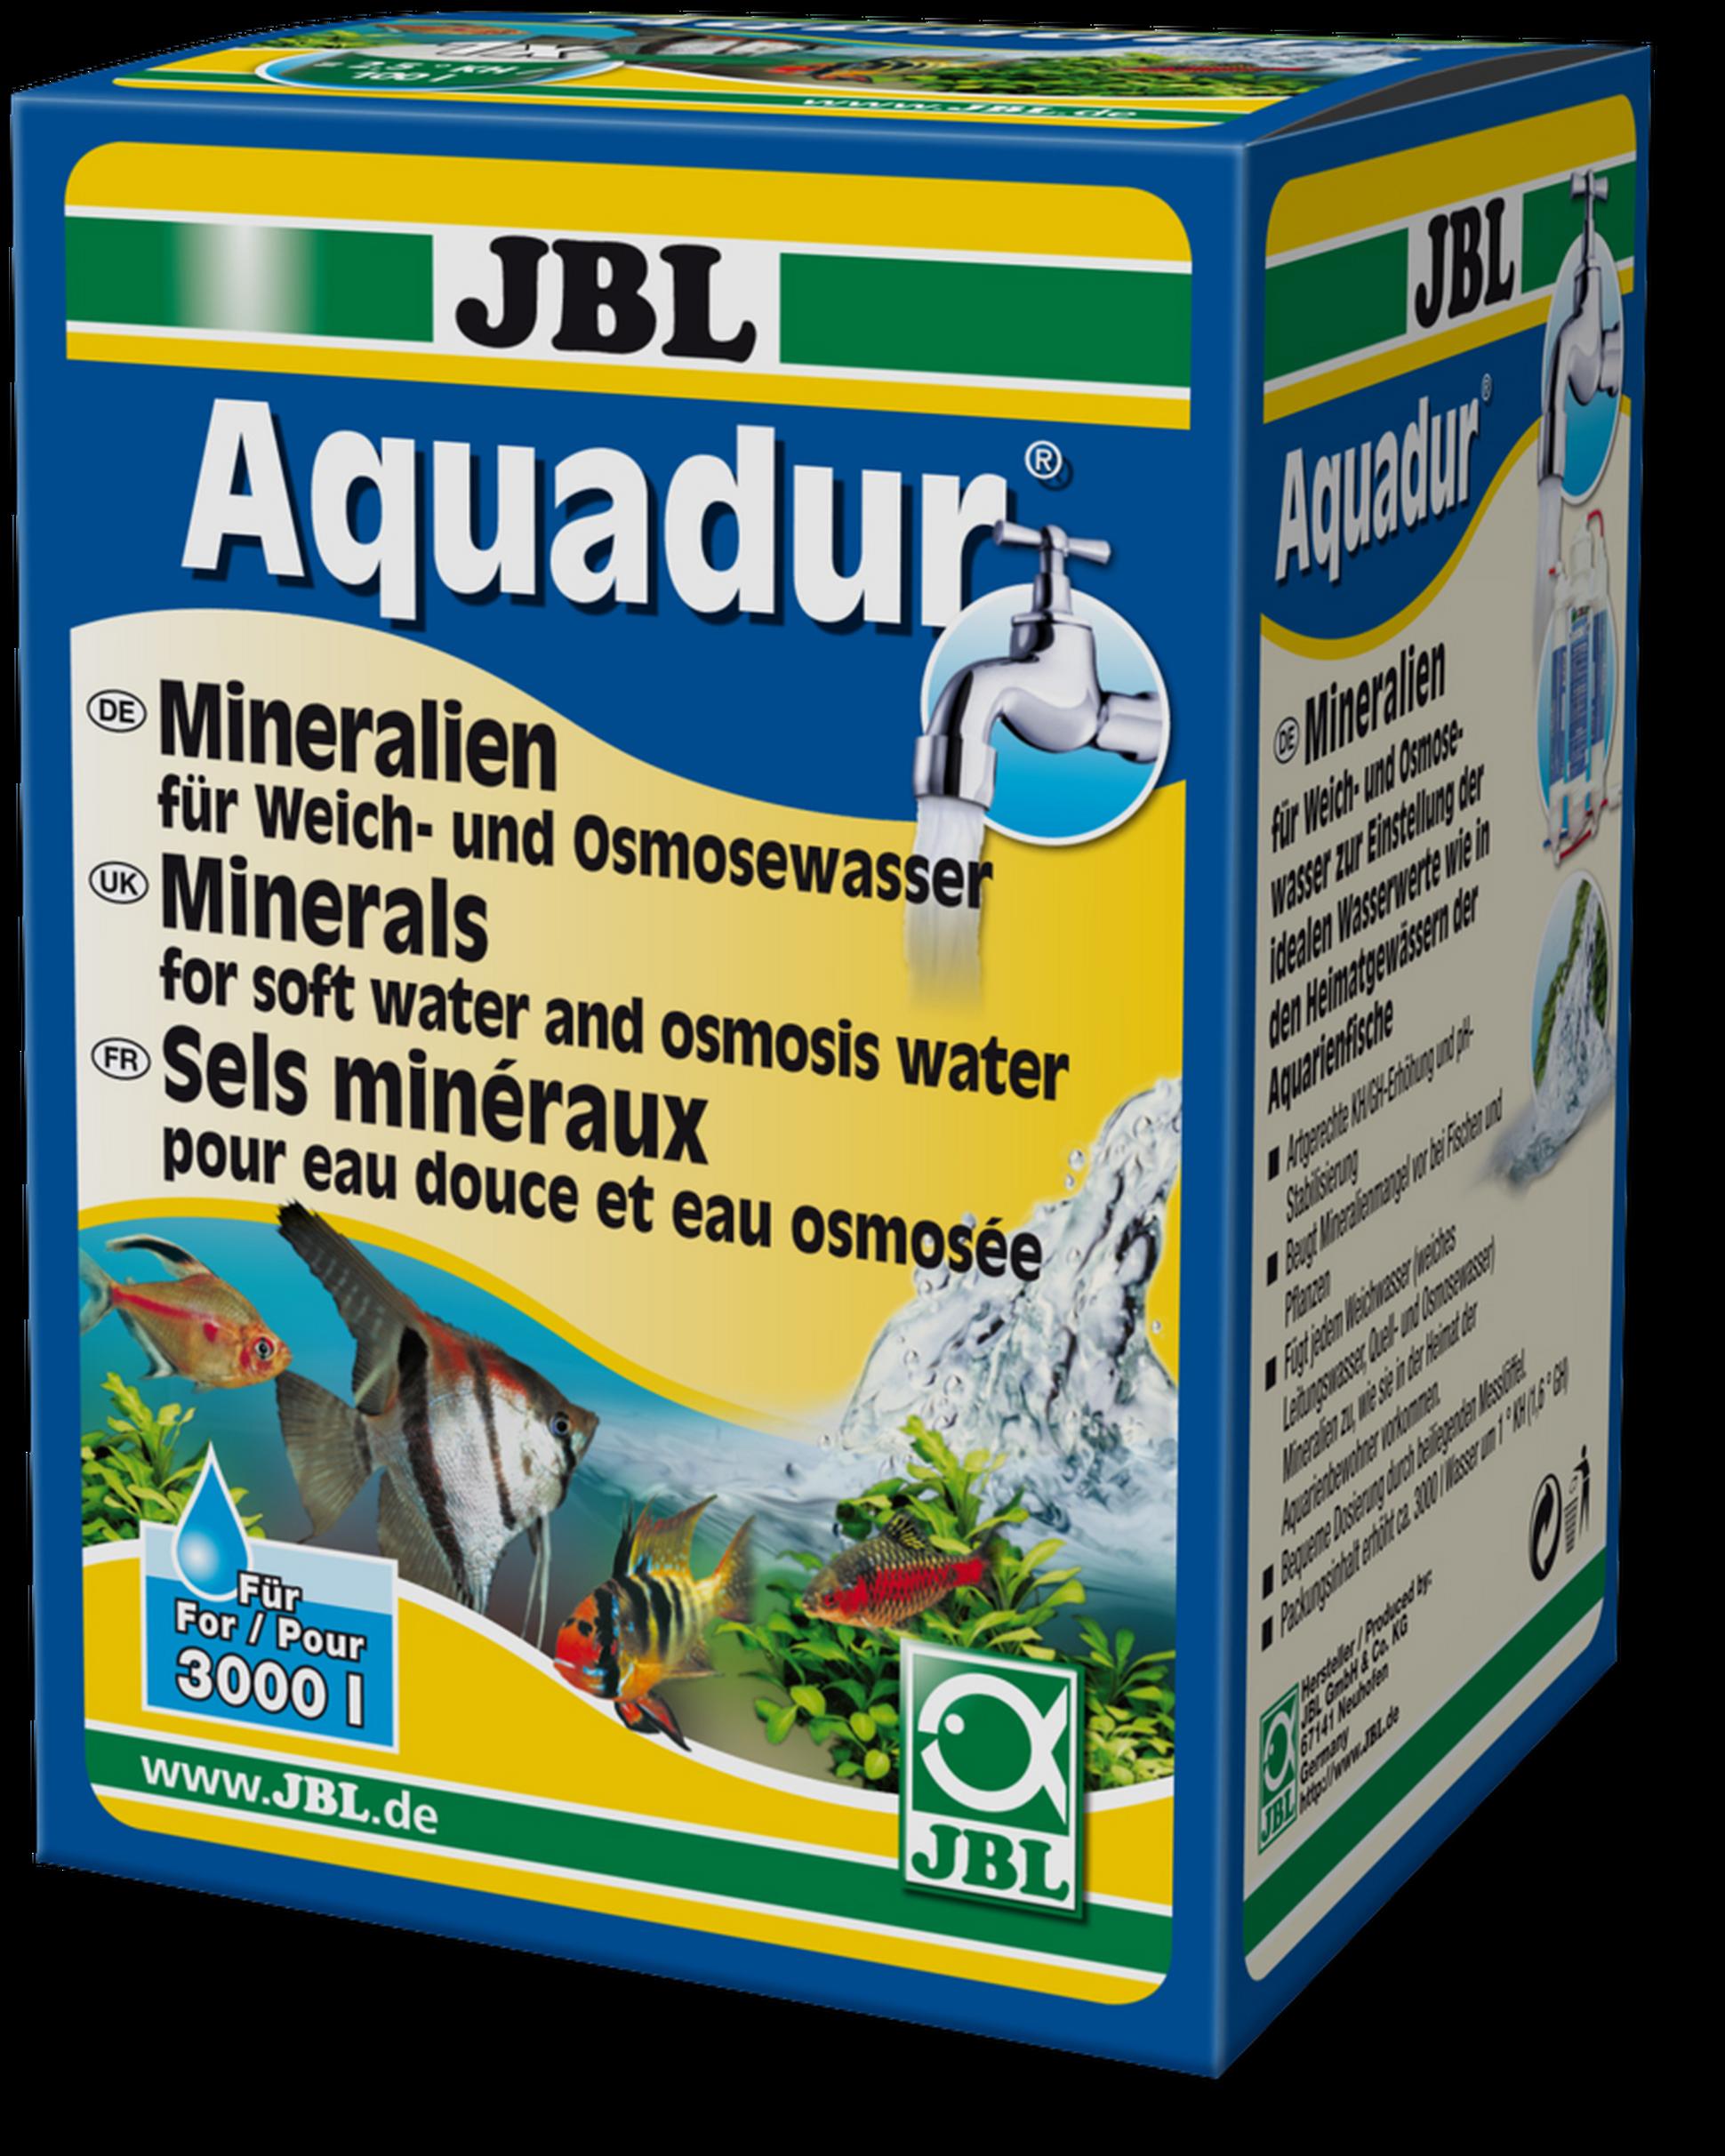 Turbo JBL Aquadur JU57